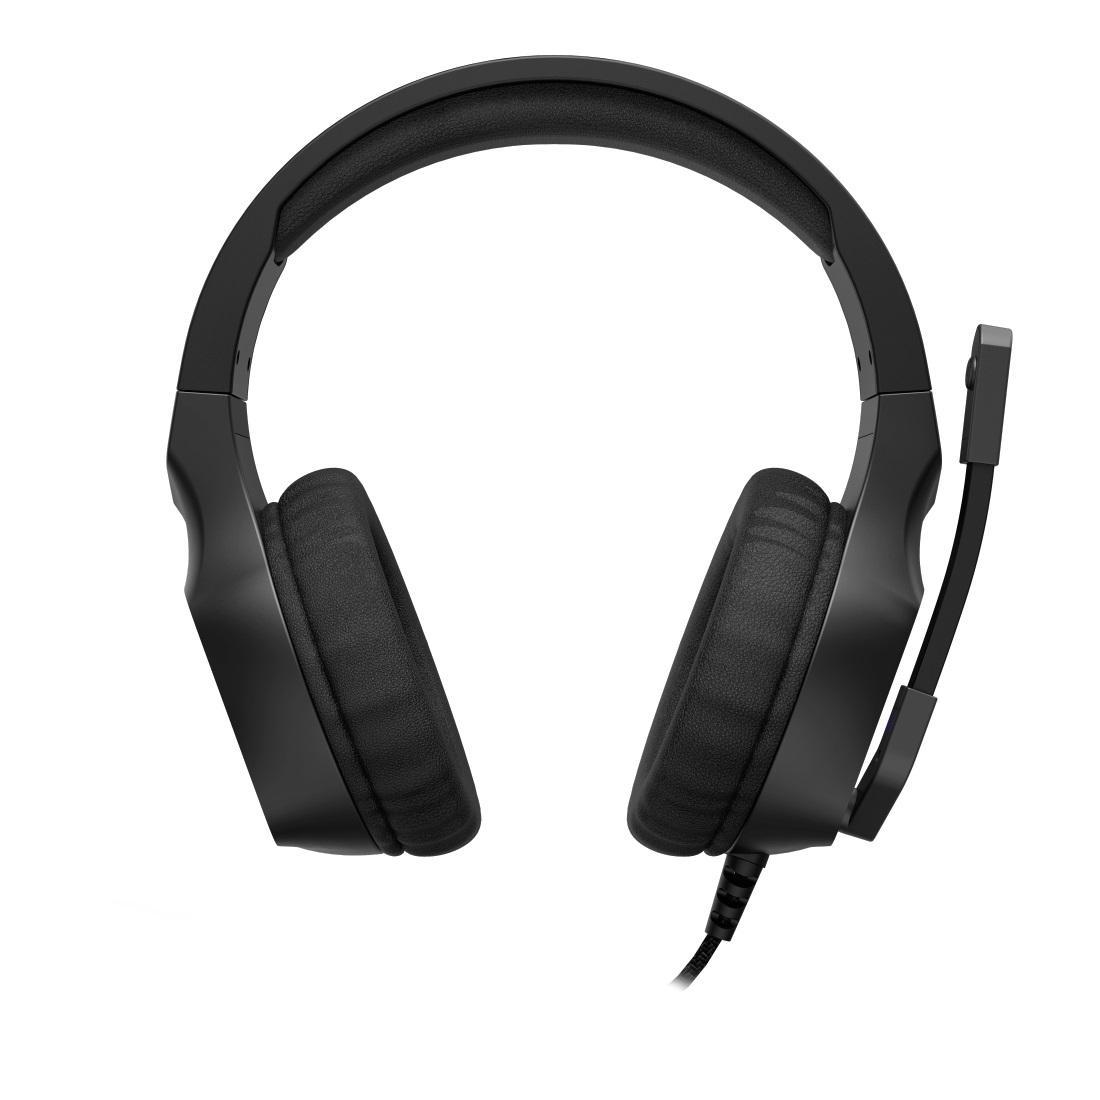 Геймърски слушалки Hama uRage Soundz 300, Микрофон, 3.5мм жак, Черен-3